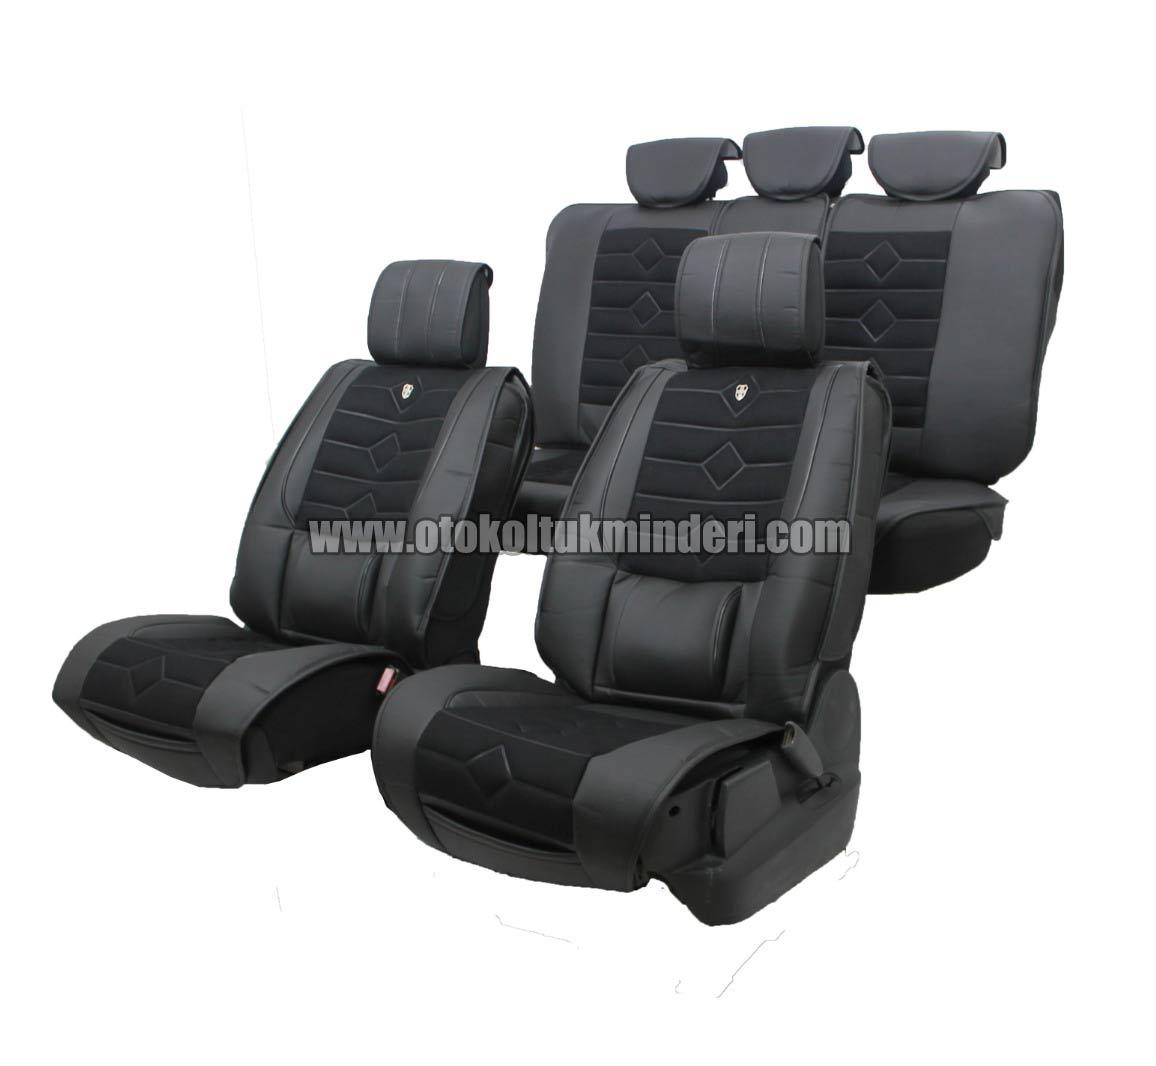 oto-koltuk-kılıfı-lüks-deri-siyah